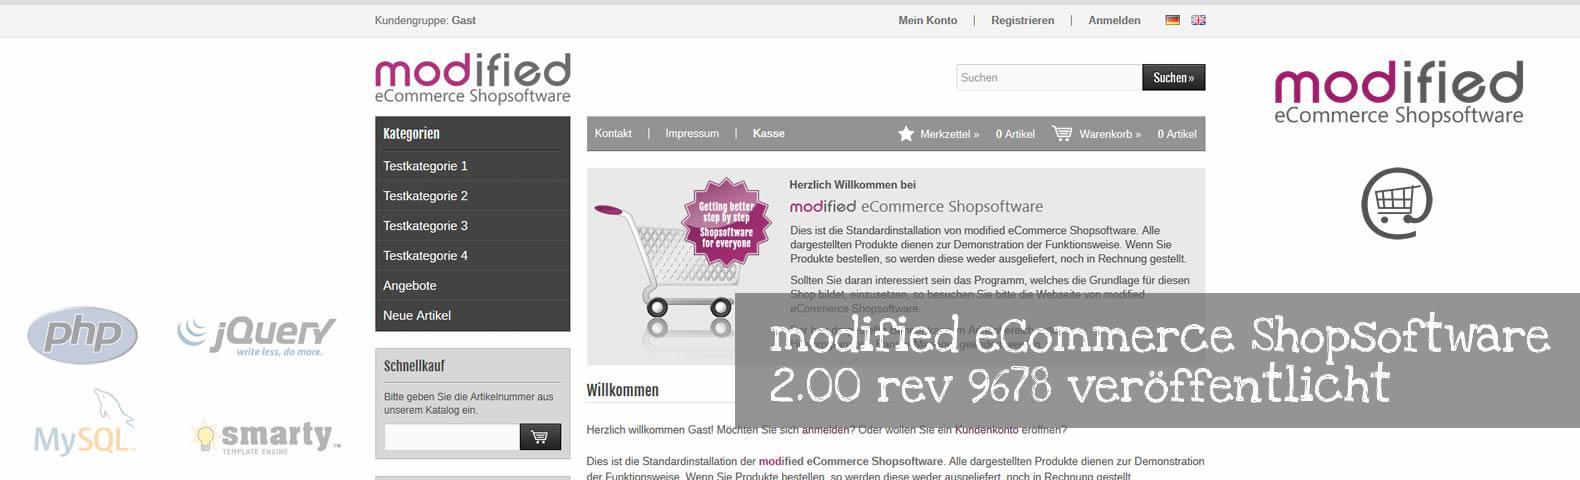 modified eCommerce Shopsoftware 2.00 rev 9678 veröffentlicht